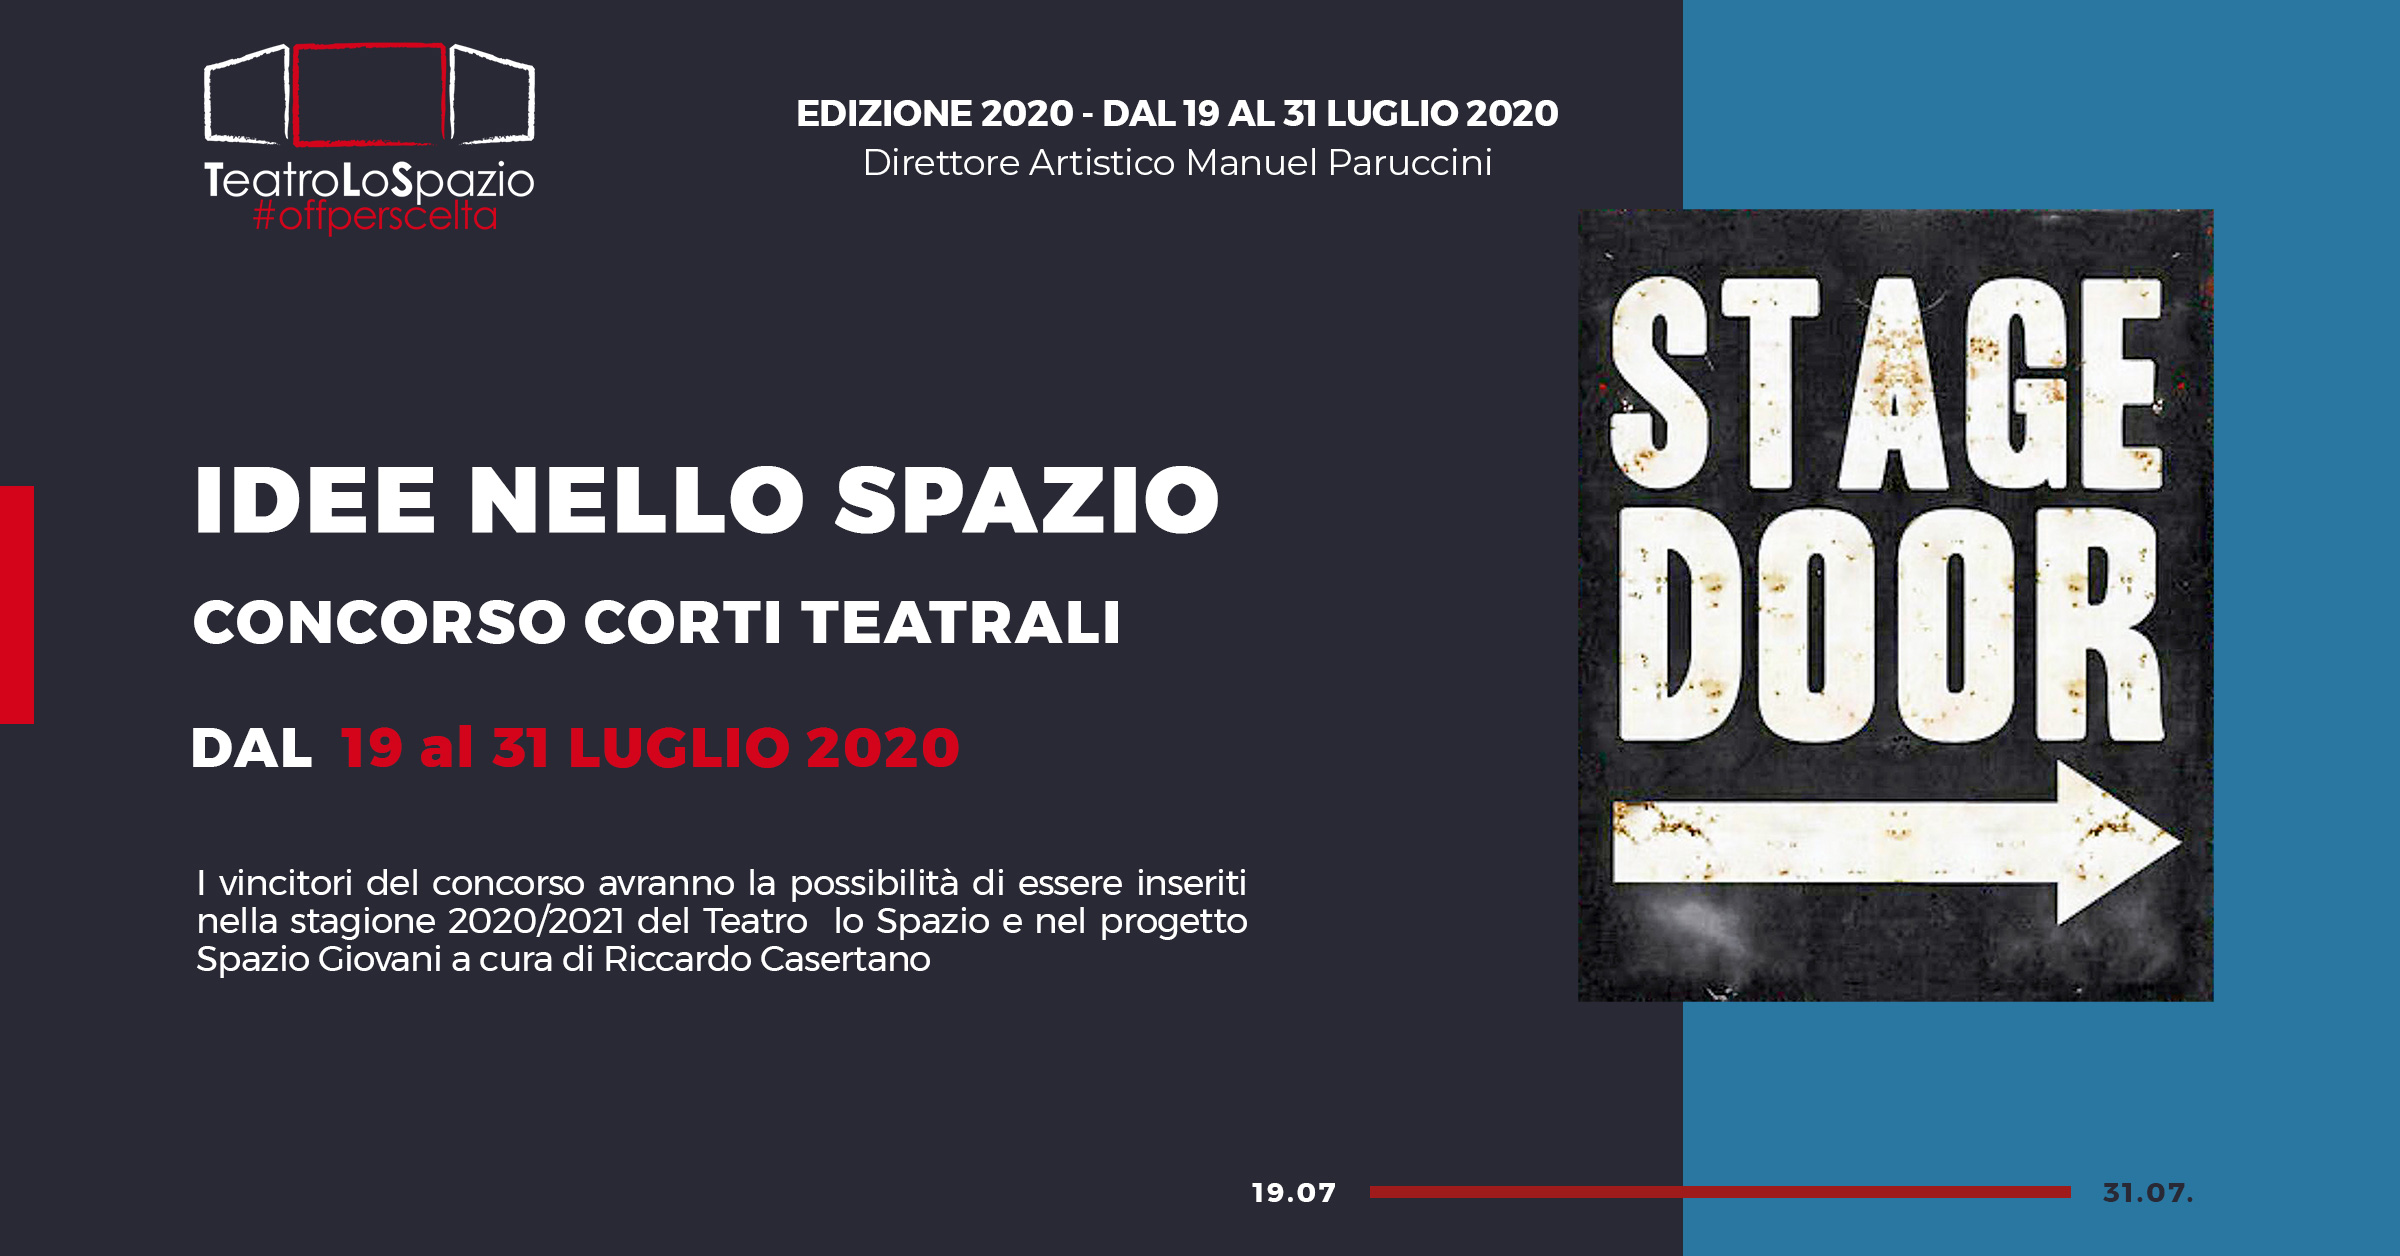 TeatroLoSpazio - Concorso Corti Teatrali Idee nello Spazio - Via Locri 42, Roma